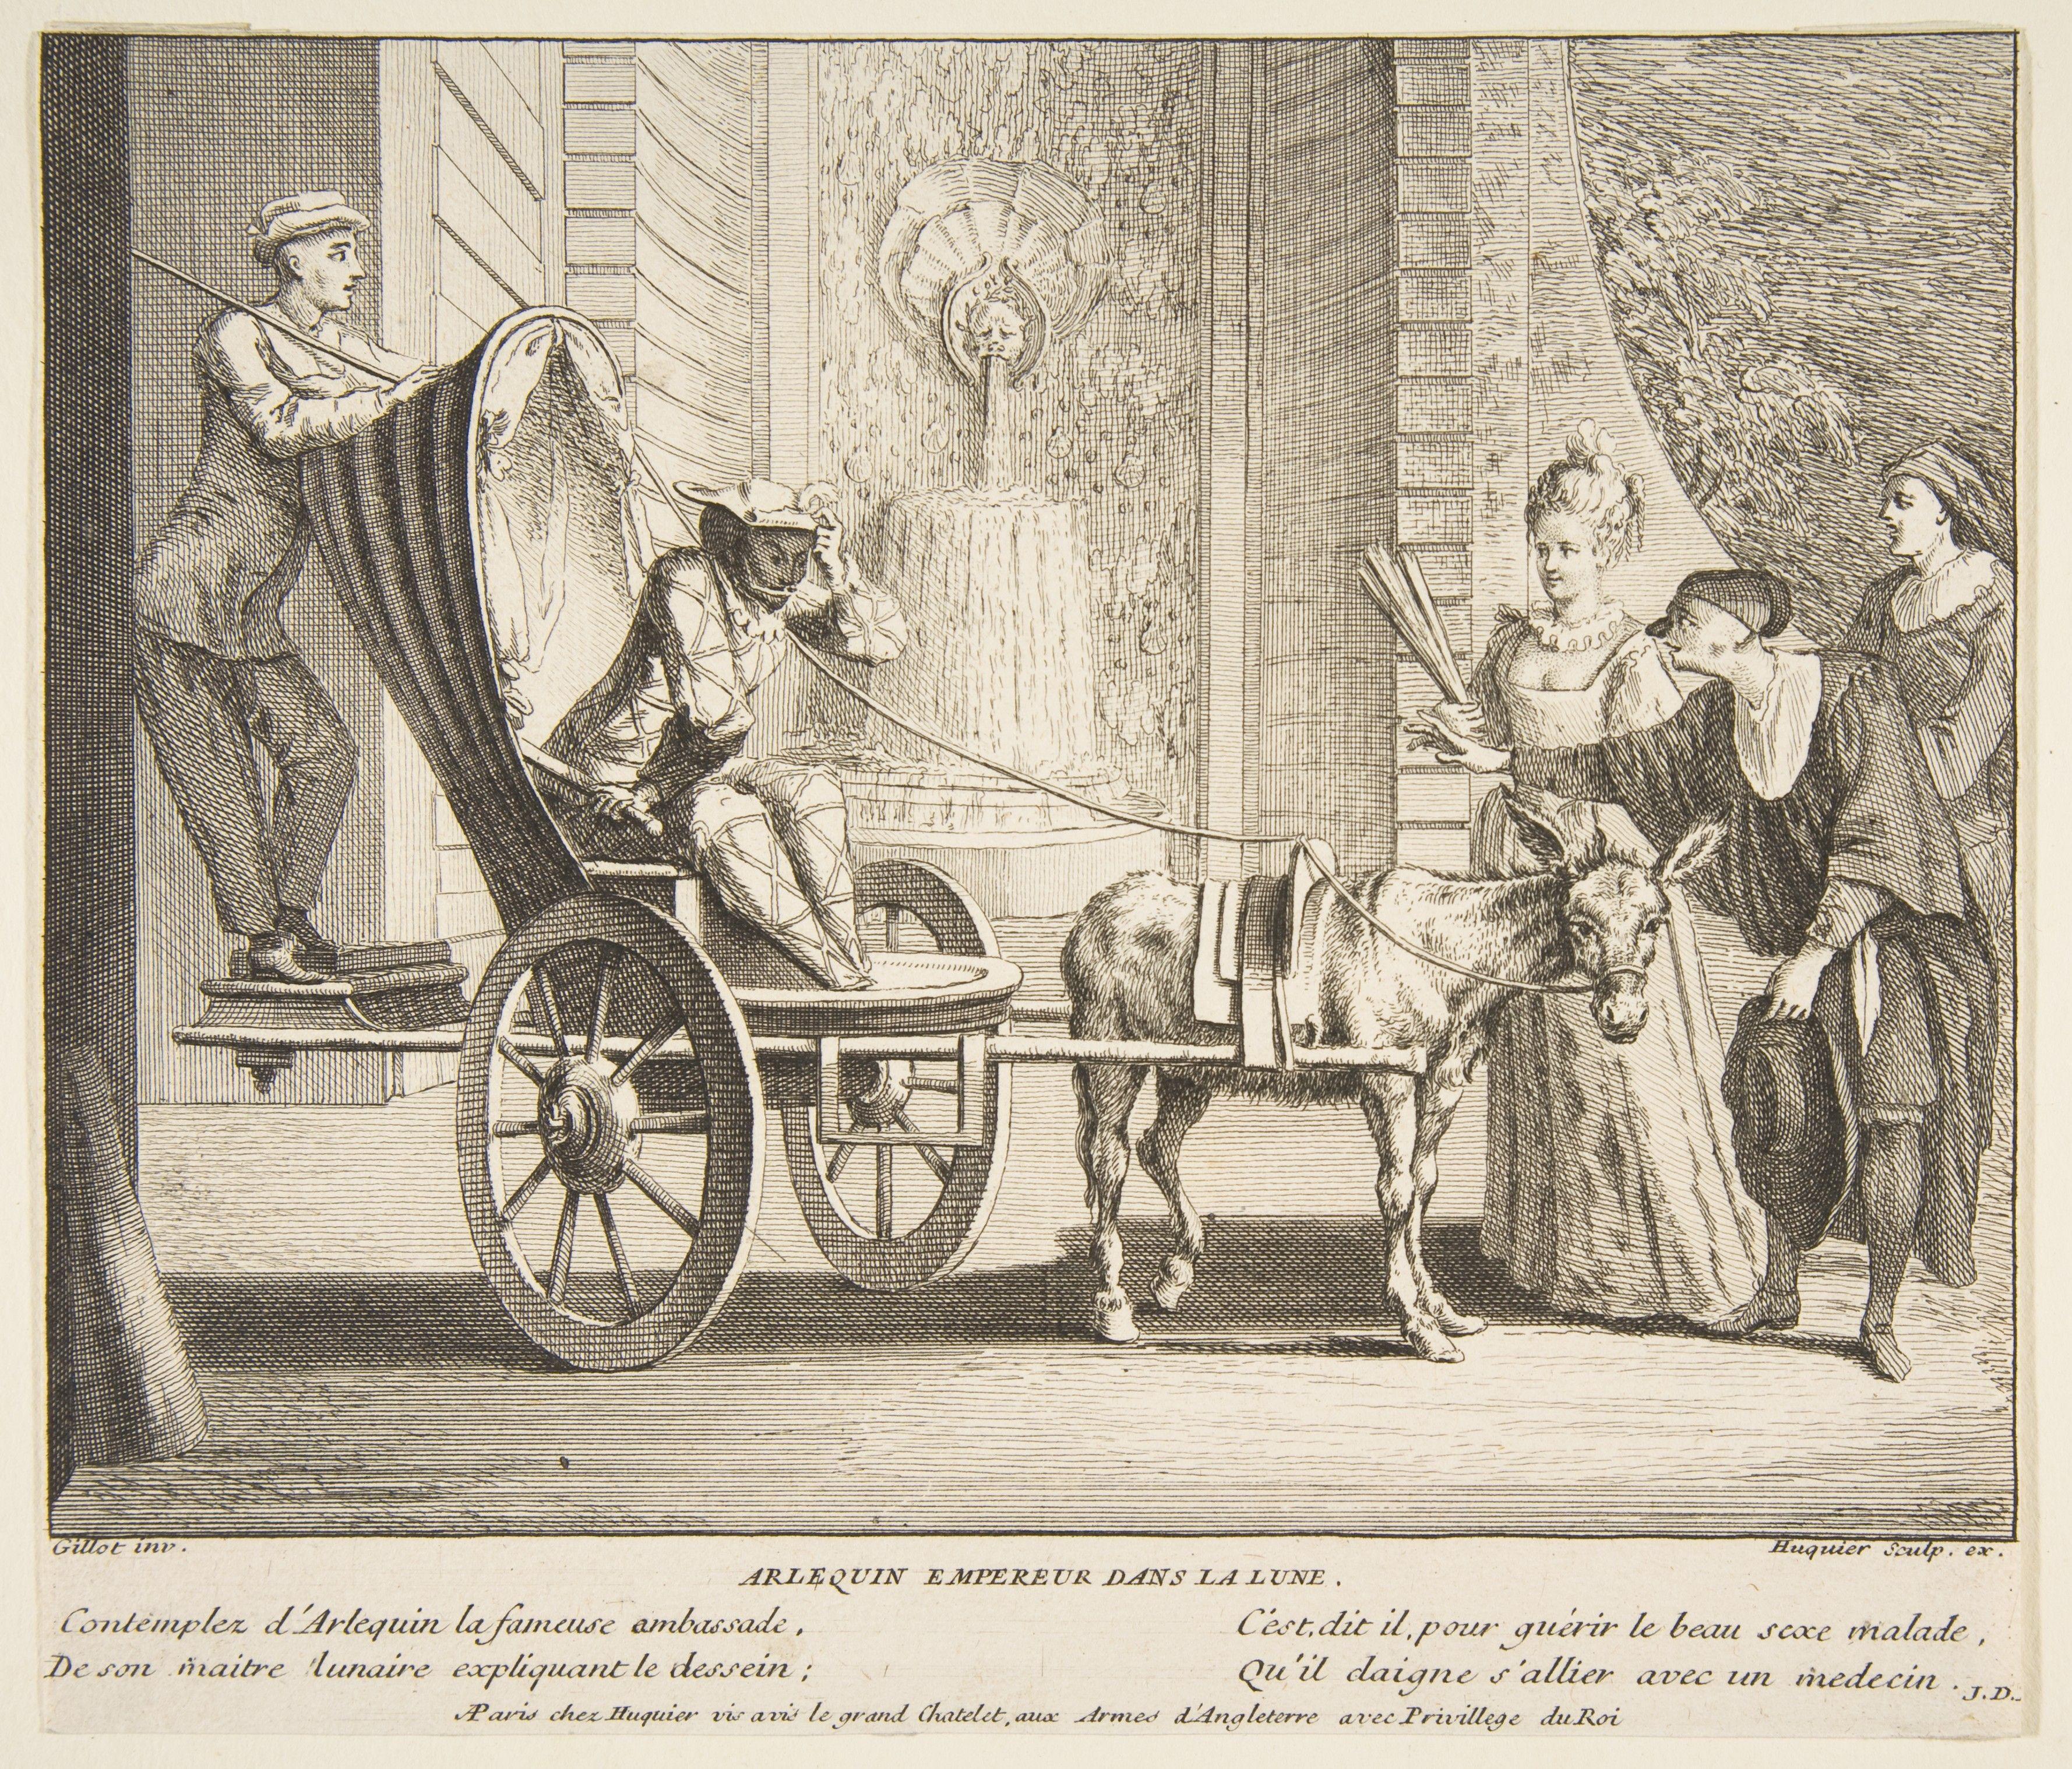 Arlequin empereur dans la lune  Claude Gillot (French, Langres 1673–1722 Paris)   Engraved by Jacques Gabriel Huquier (French, Paris 1730–1805 Shrewsbury)